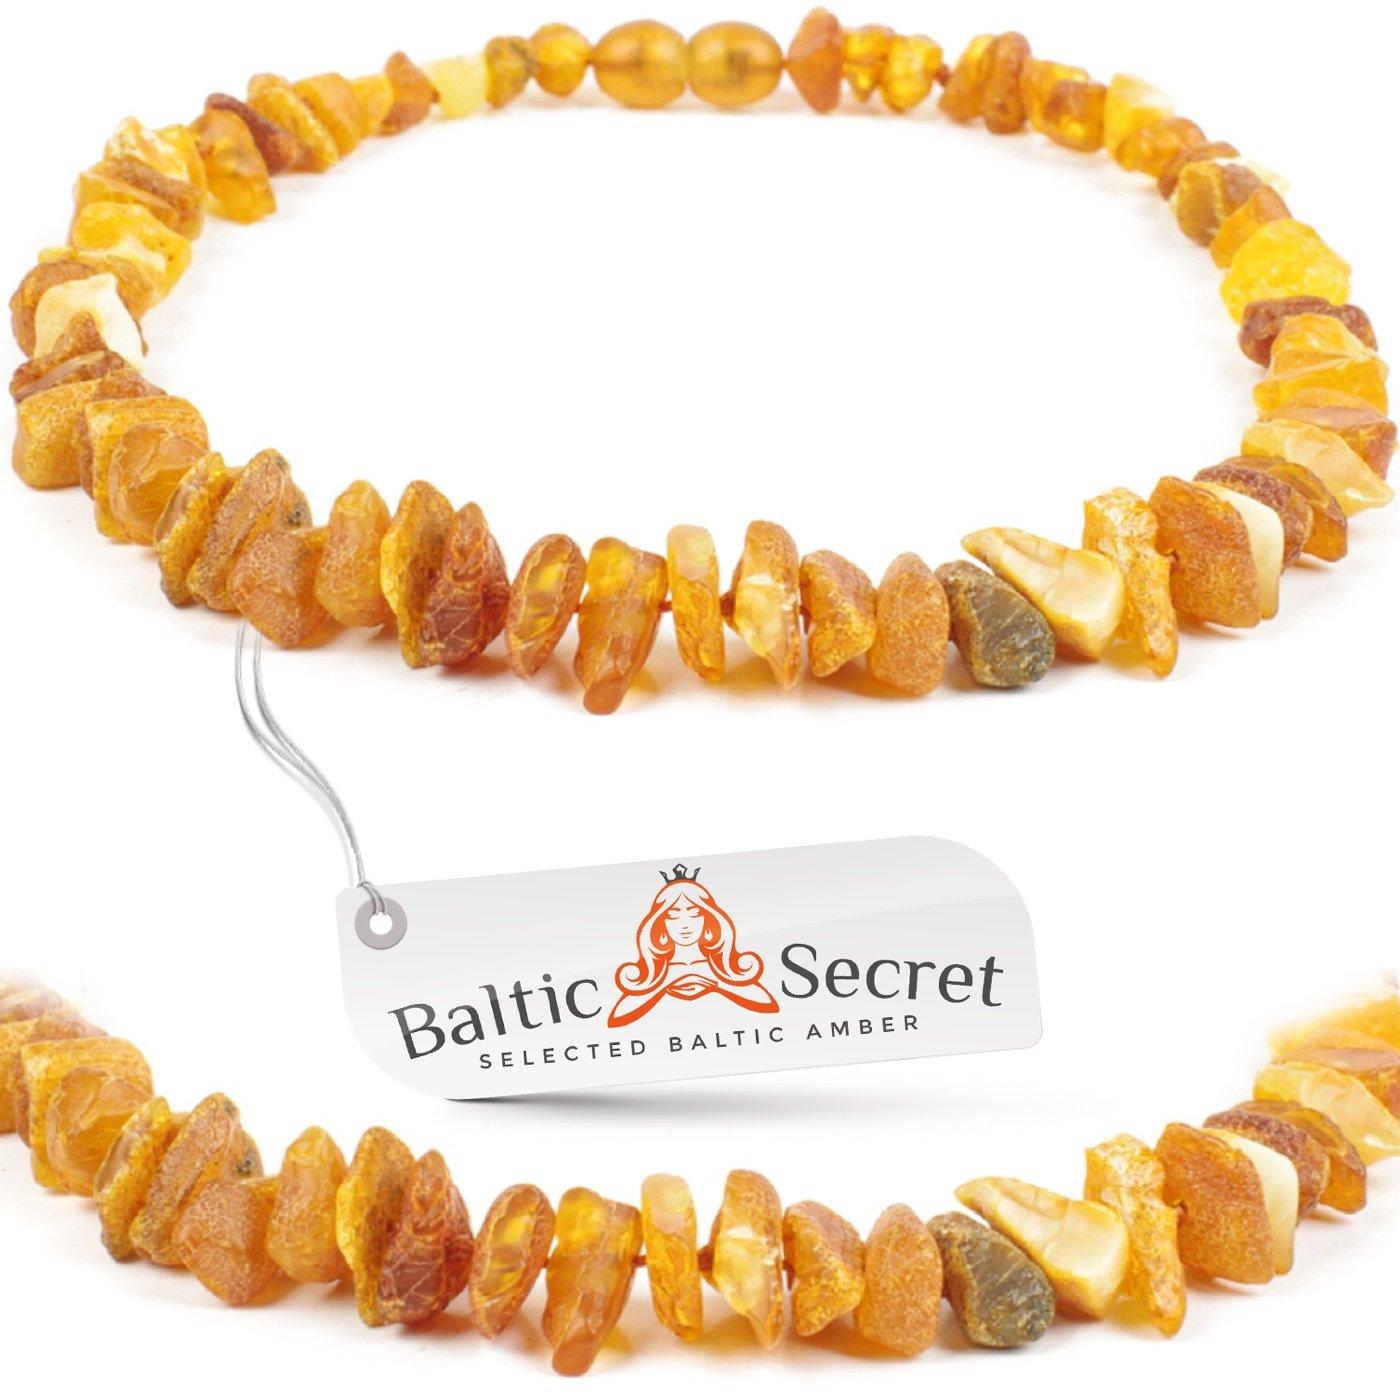 Baltic Secret Bernstein Halsband für Hunde und Katzen - Bernsteinkette hund - Zeckenhalsband - Zeckenschutz hund - Vershiedene Grössen zum Auswählen AmberForPets PN40-C3Ch-chp.0626